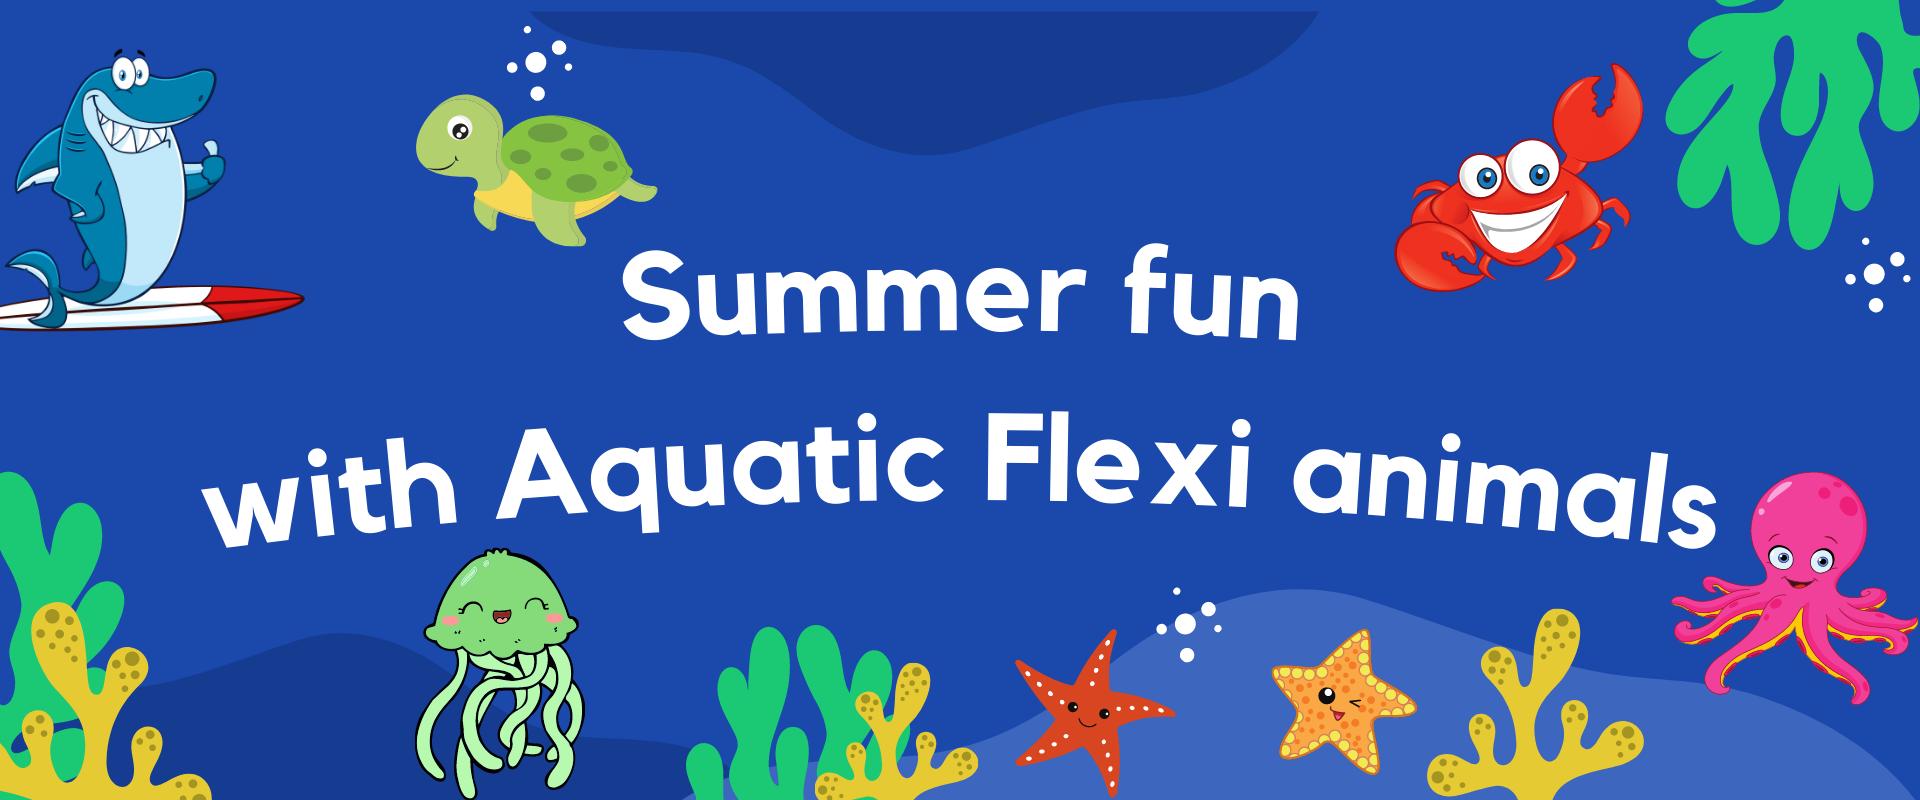 Aquatic flexi animals